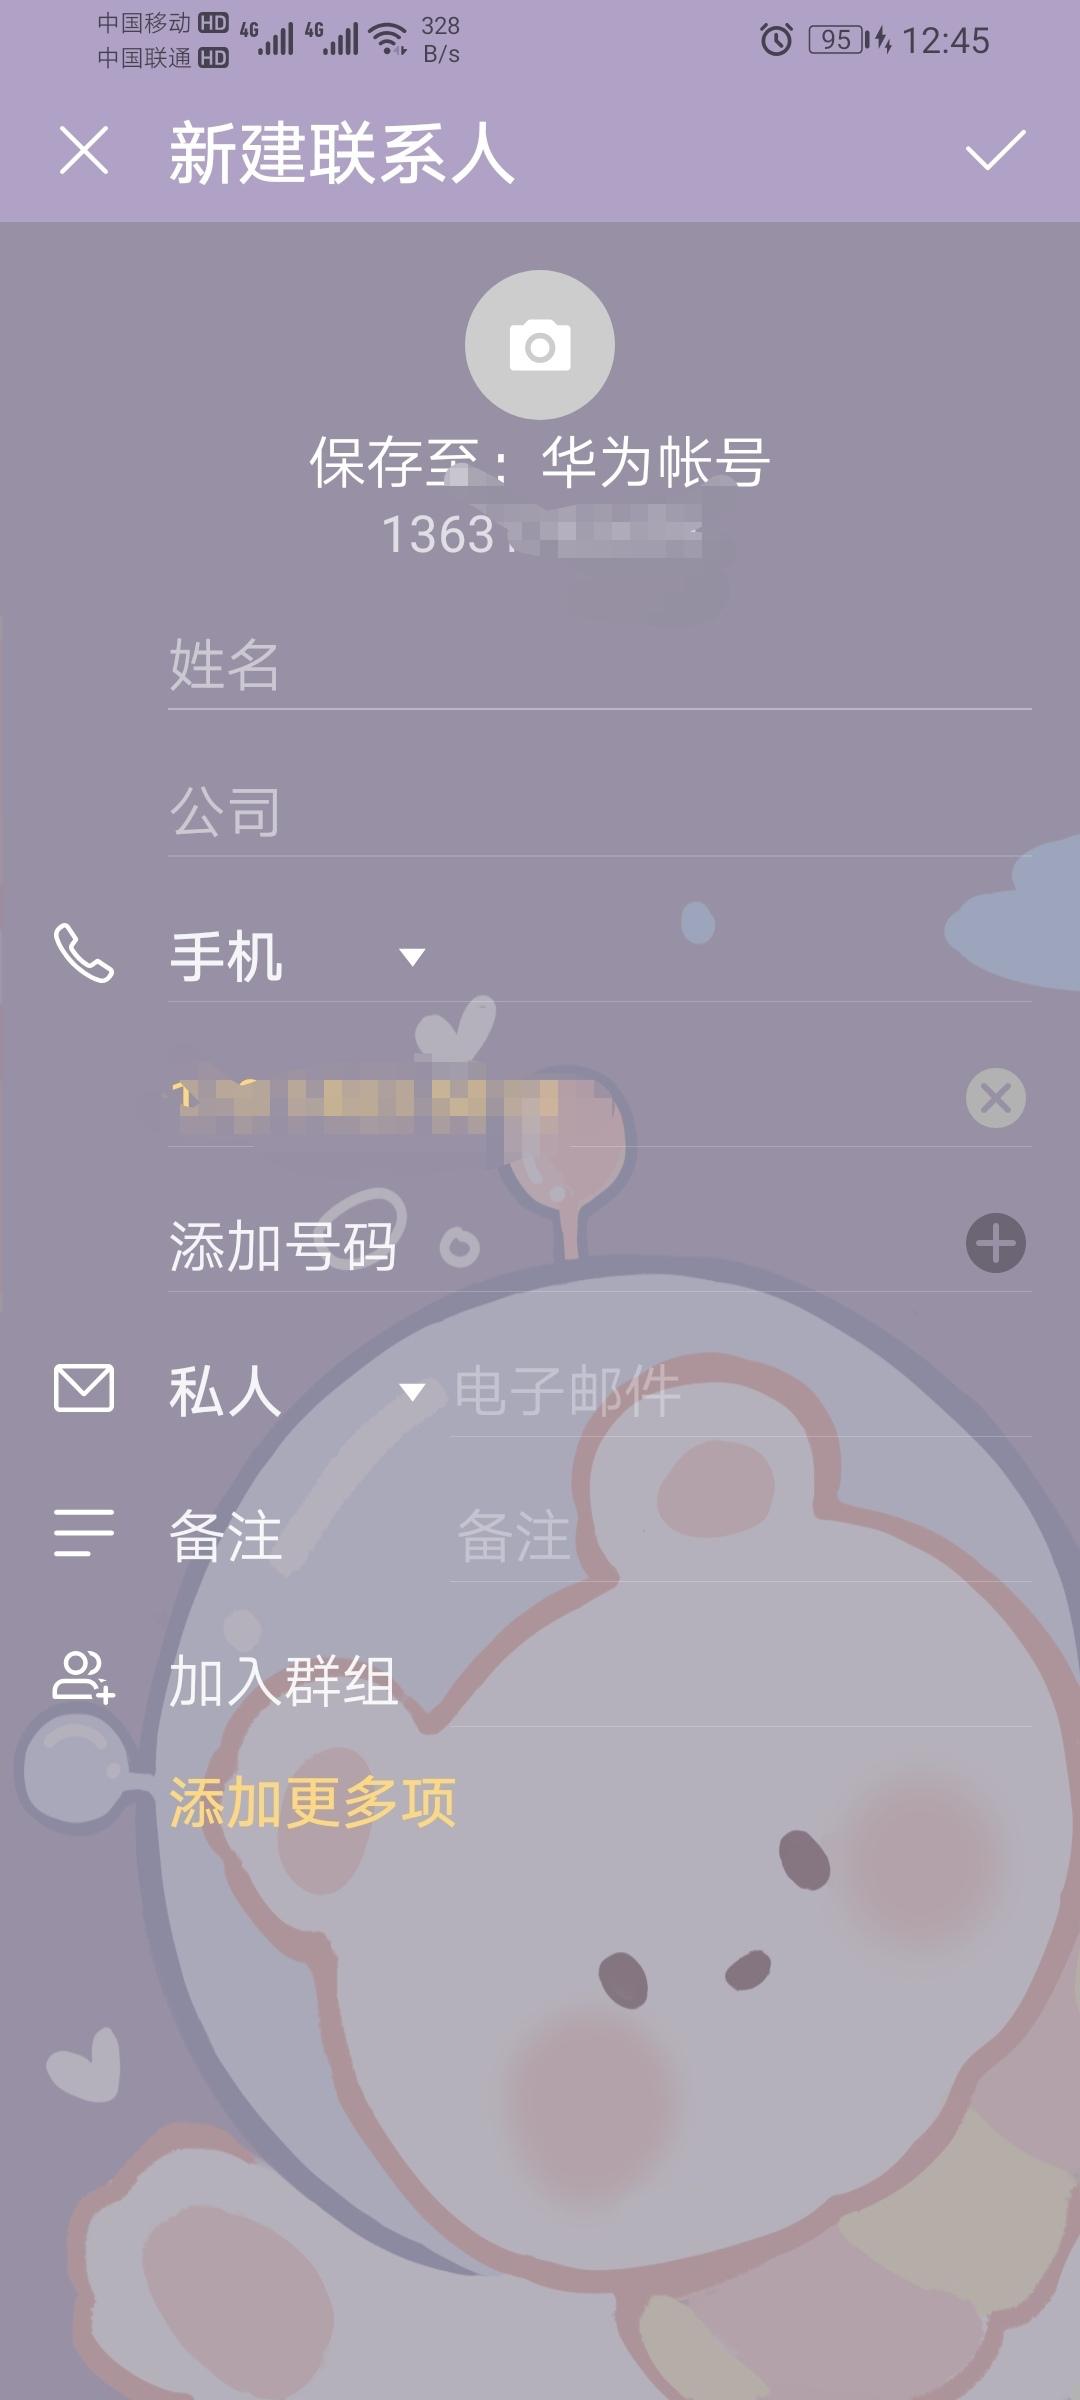 Screenshot_20200511_131025.jpg